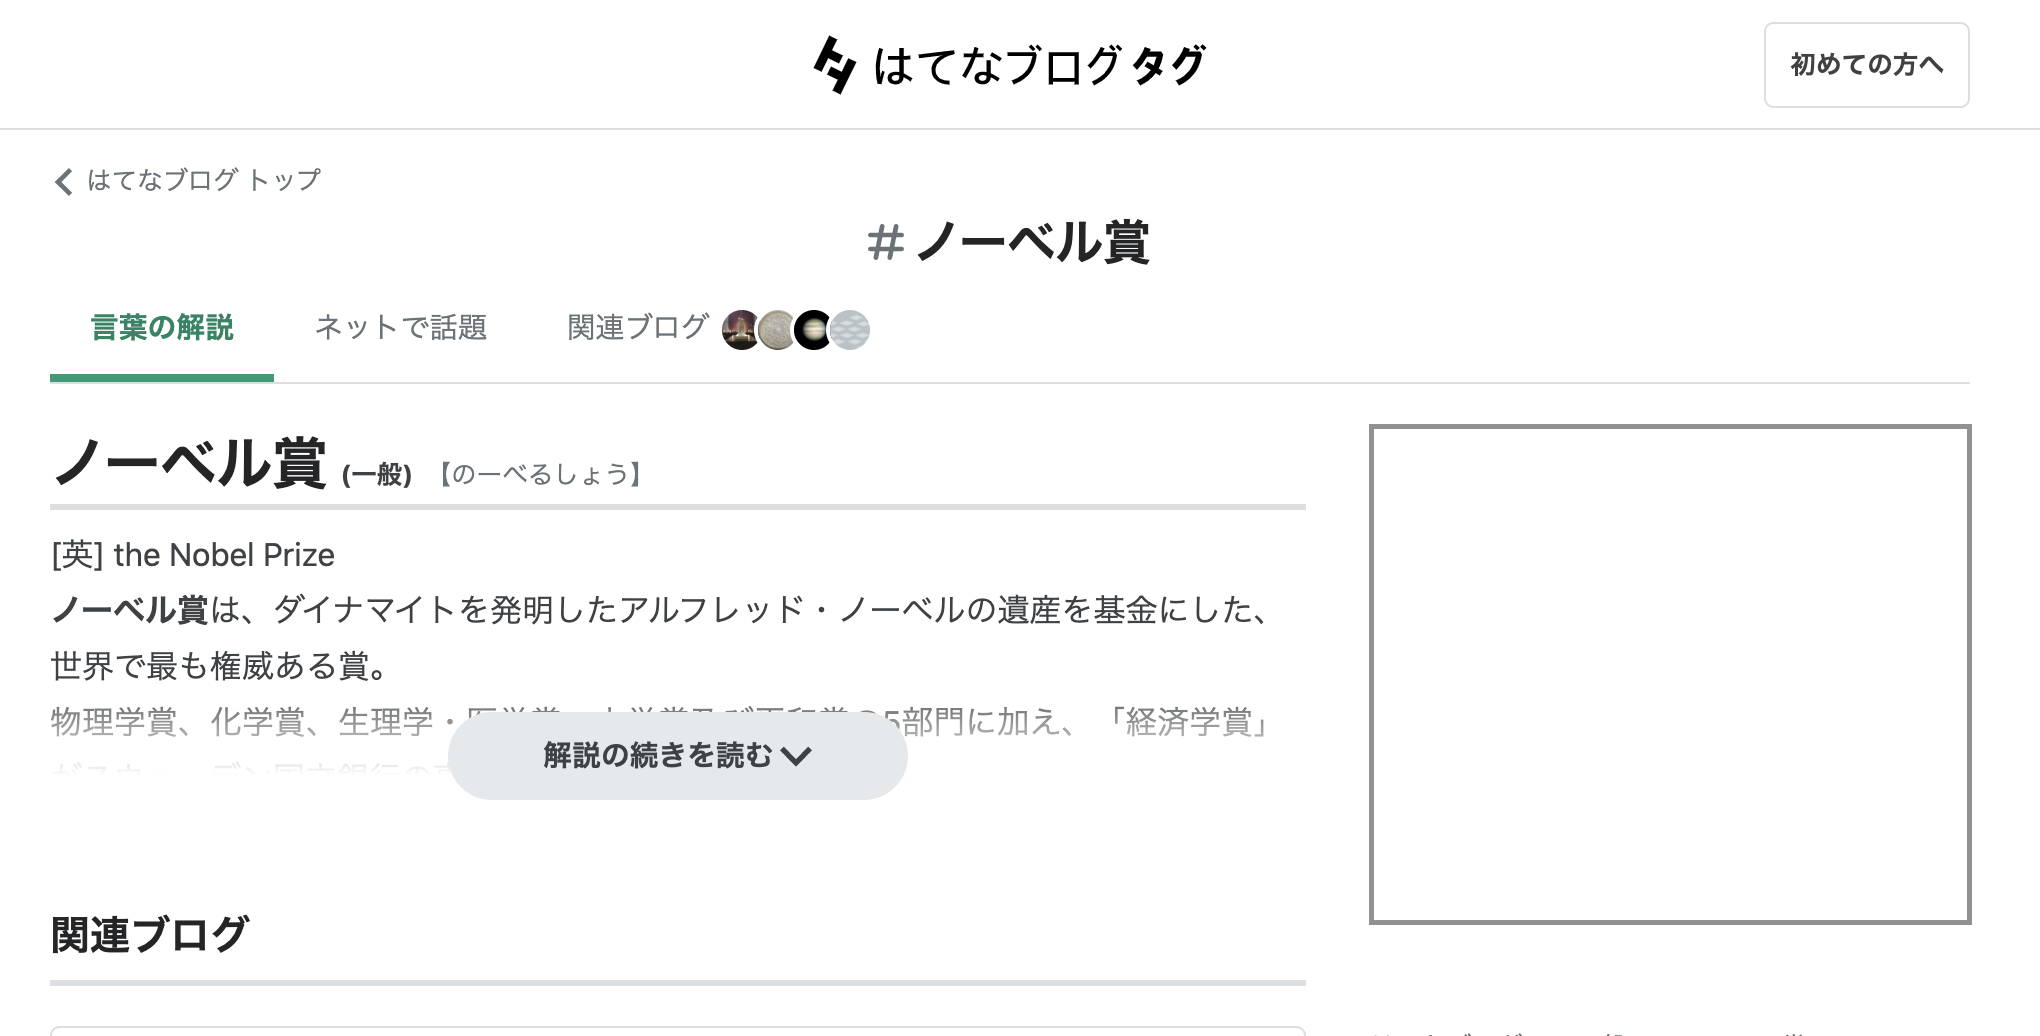 タグページトップ画面スクリーンショット